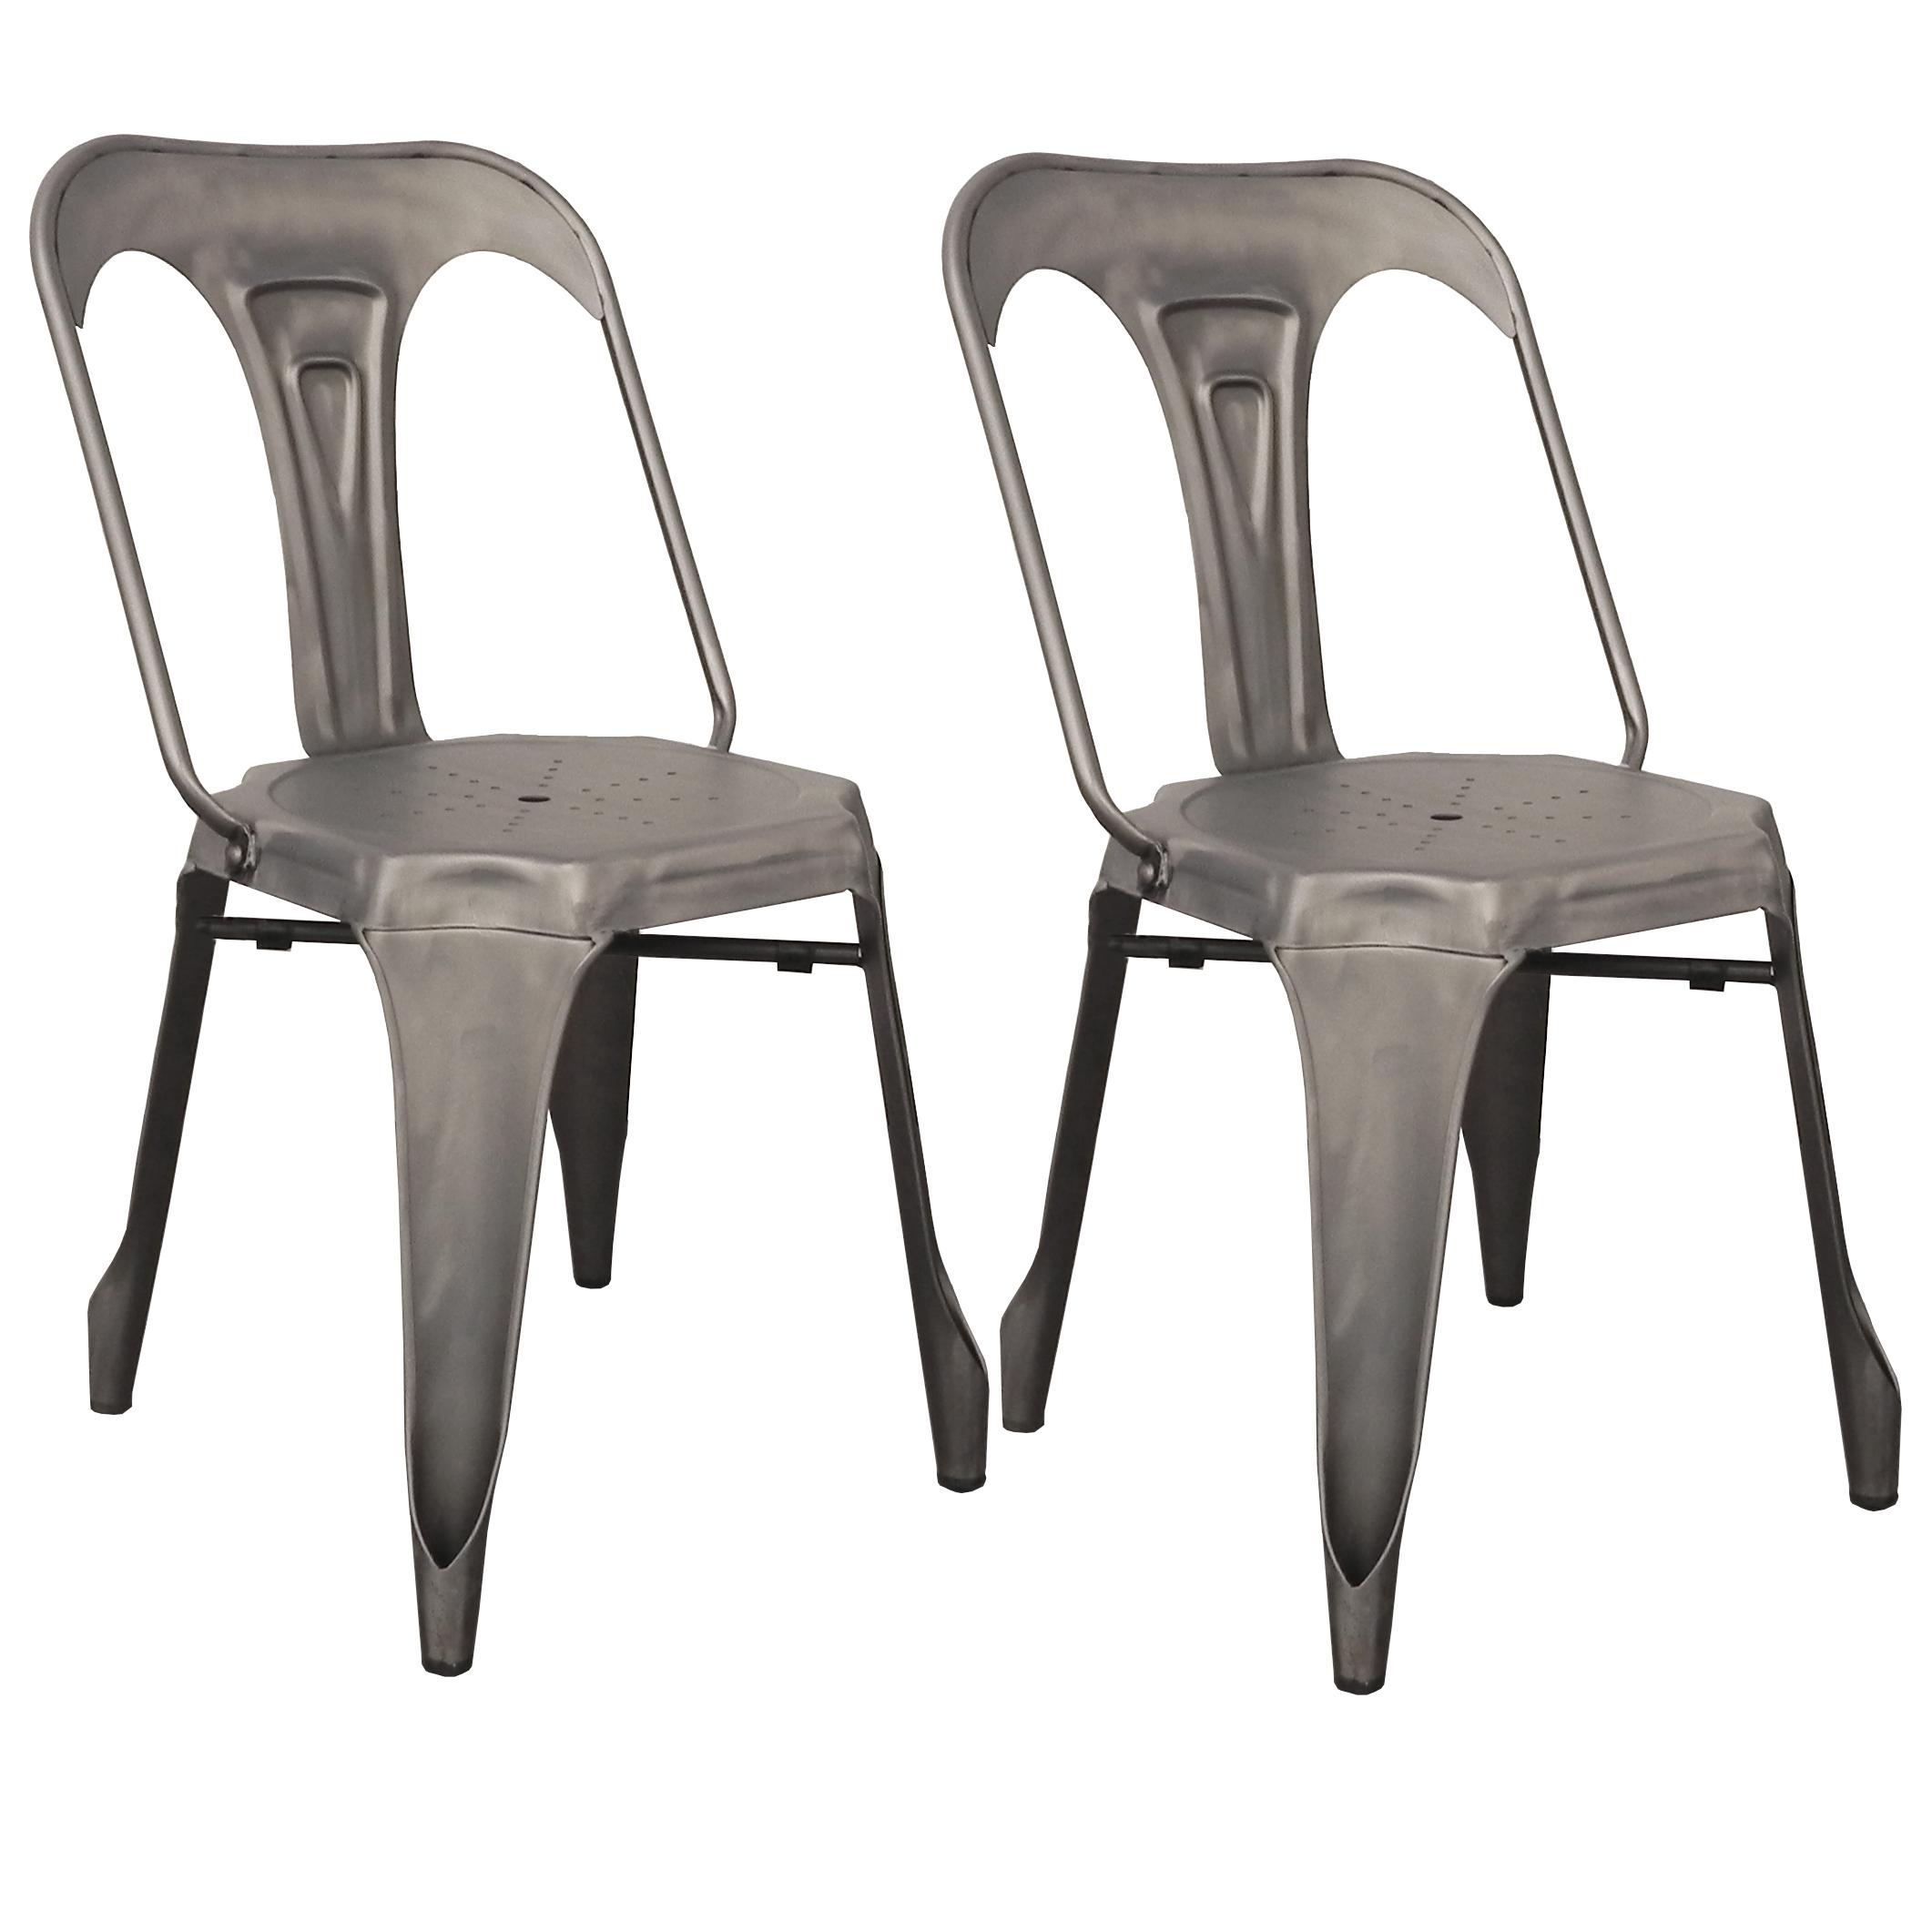 Chaise Bois Et Metal Industriel lot de 2 chaises style industriel en métal couleur chrome satiné  44x53xh83cm ralf